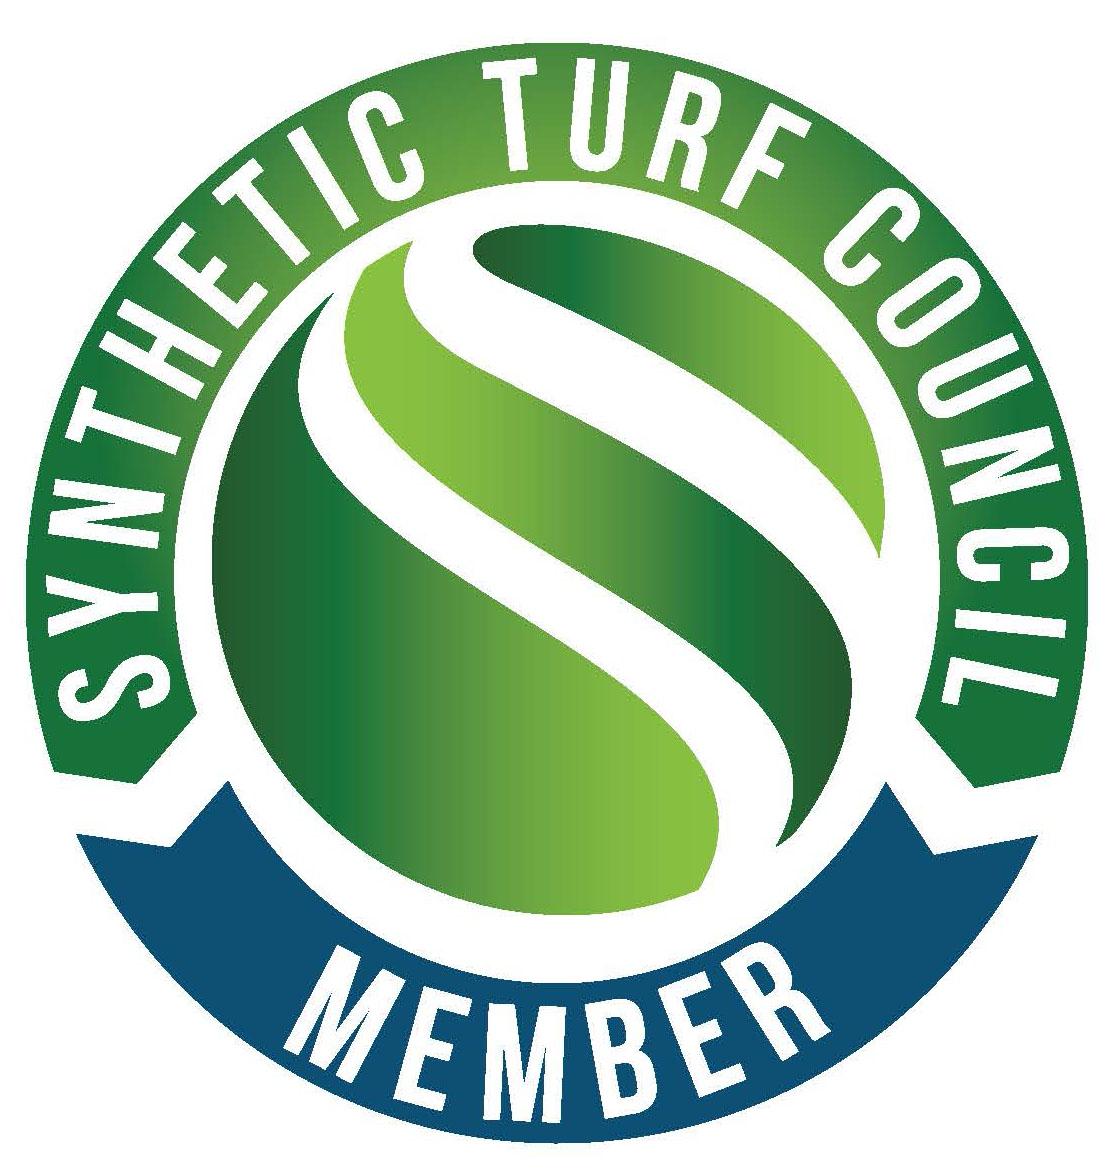 STC_Member_Logo_4C.jpg